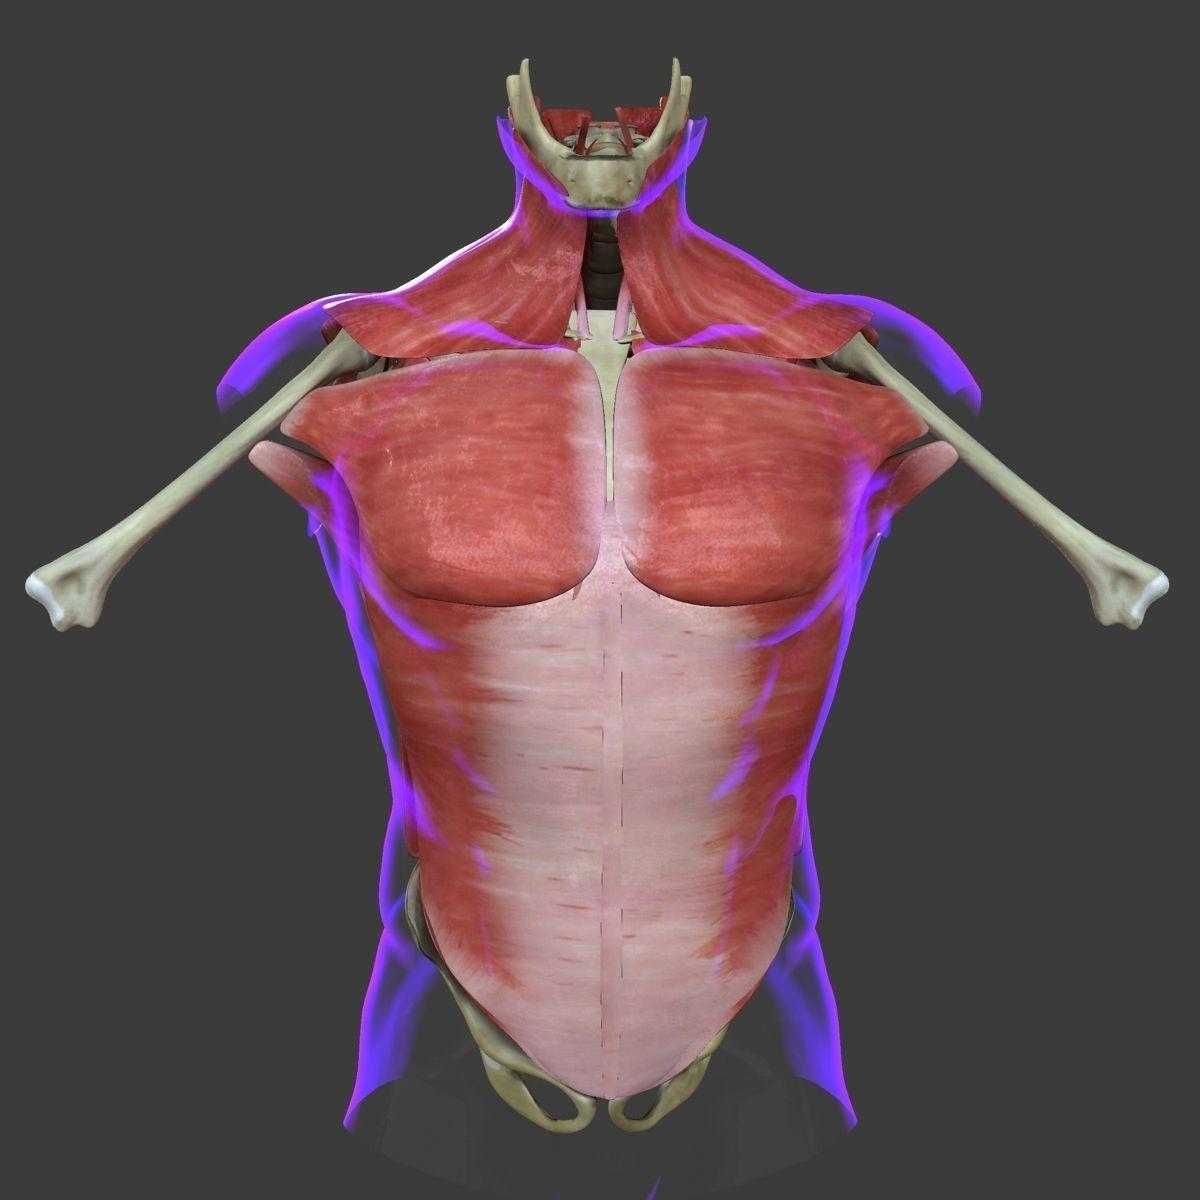 Human Torso Muscle Anatomy Medical Edition 3d Cgtrader